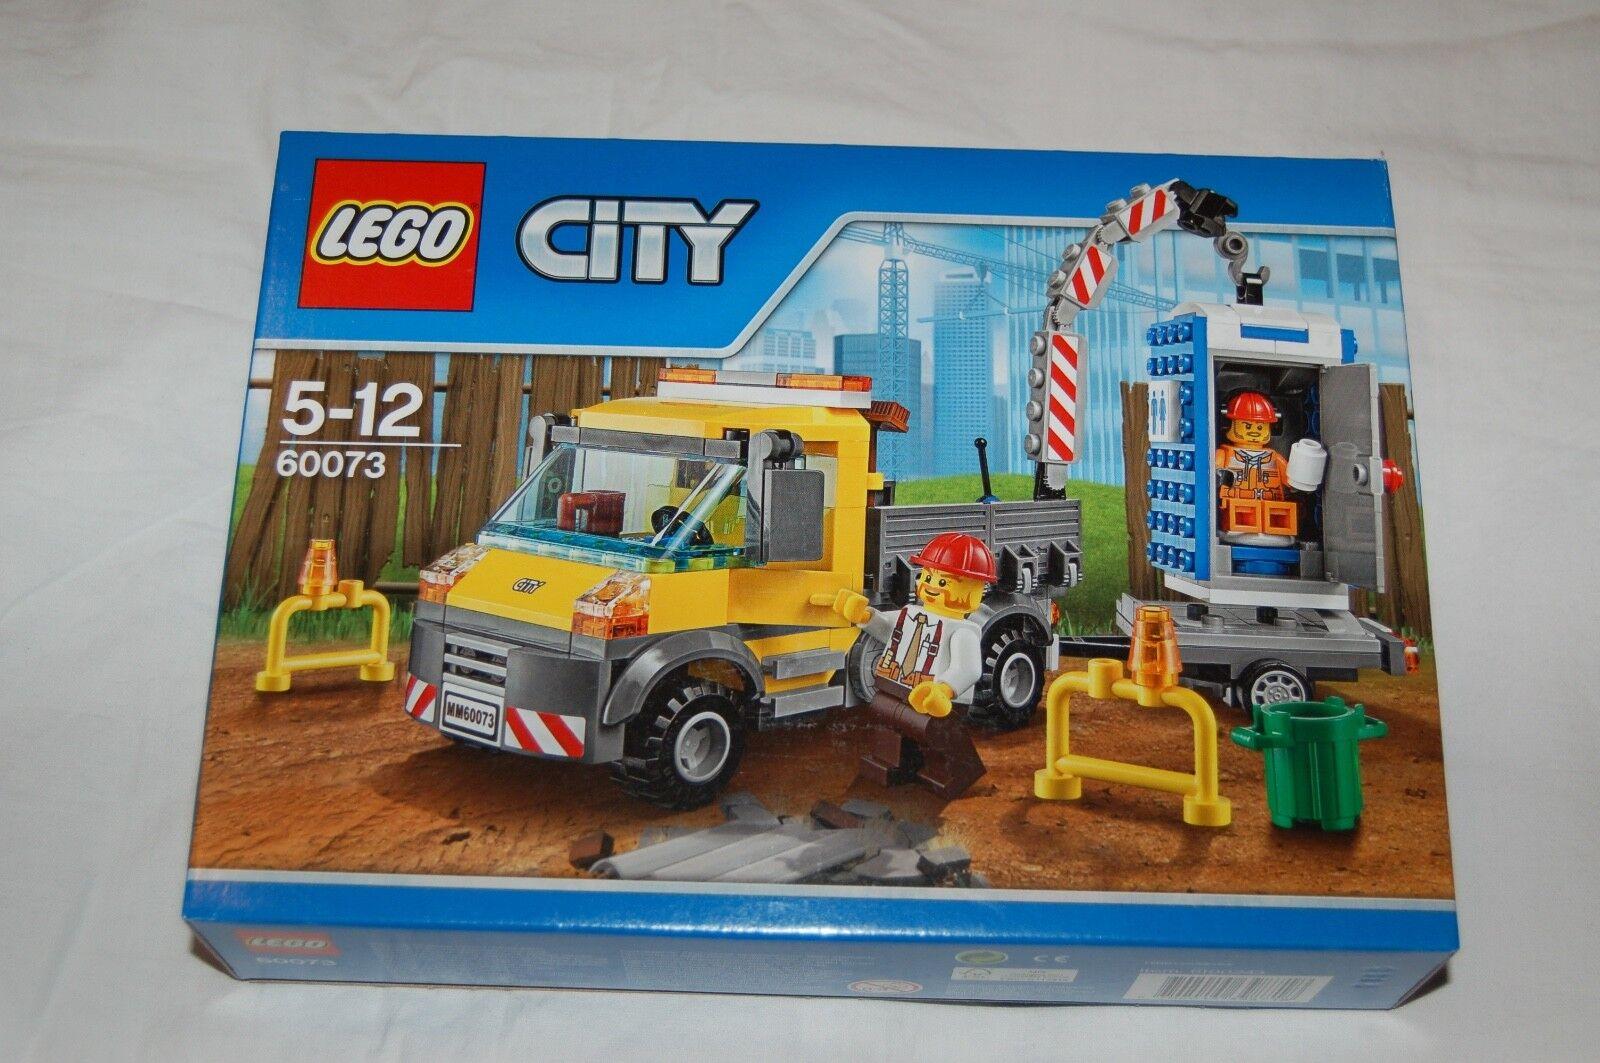 LEGO CITY 60073 Baustellentruck NEU  passt zu 60118 60075 60076 60074 60072